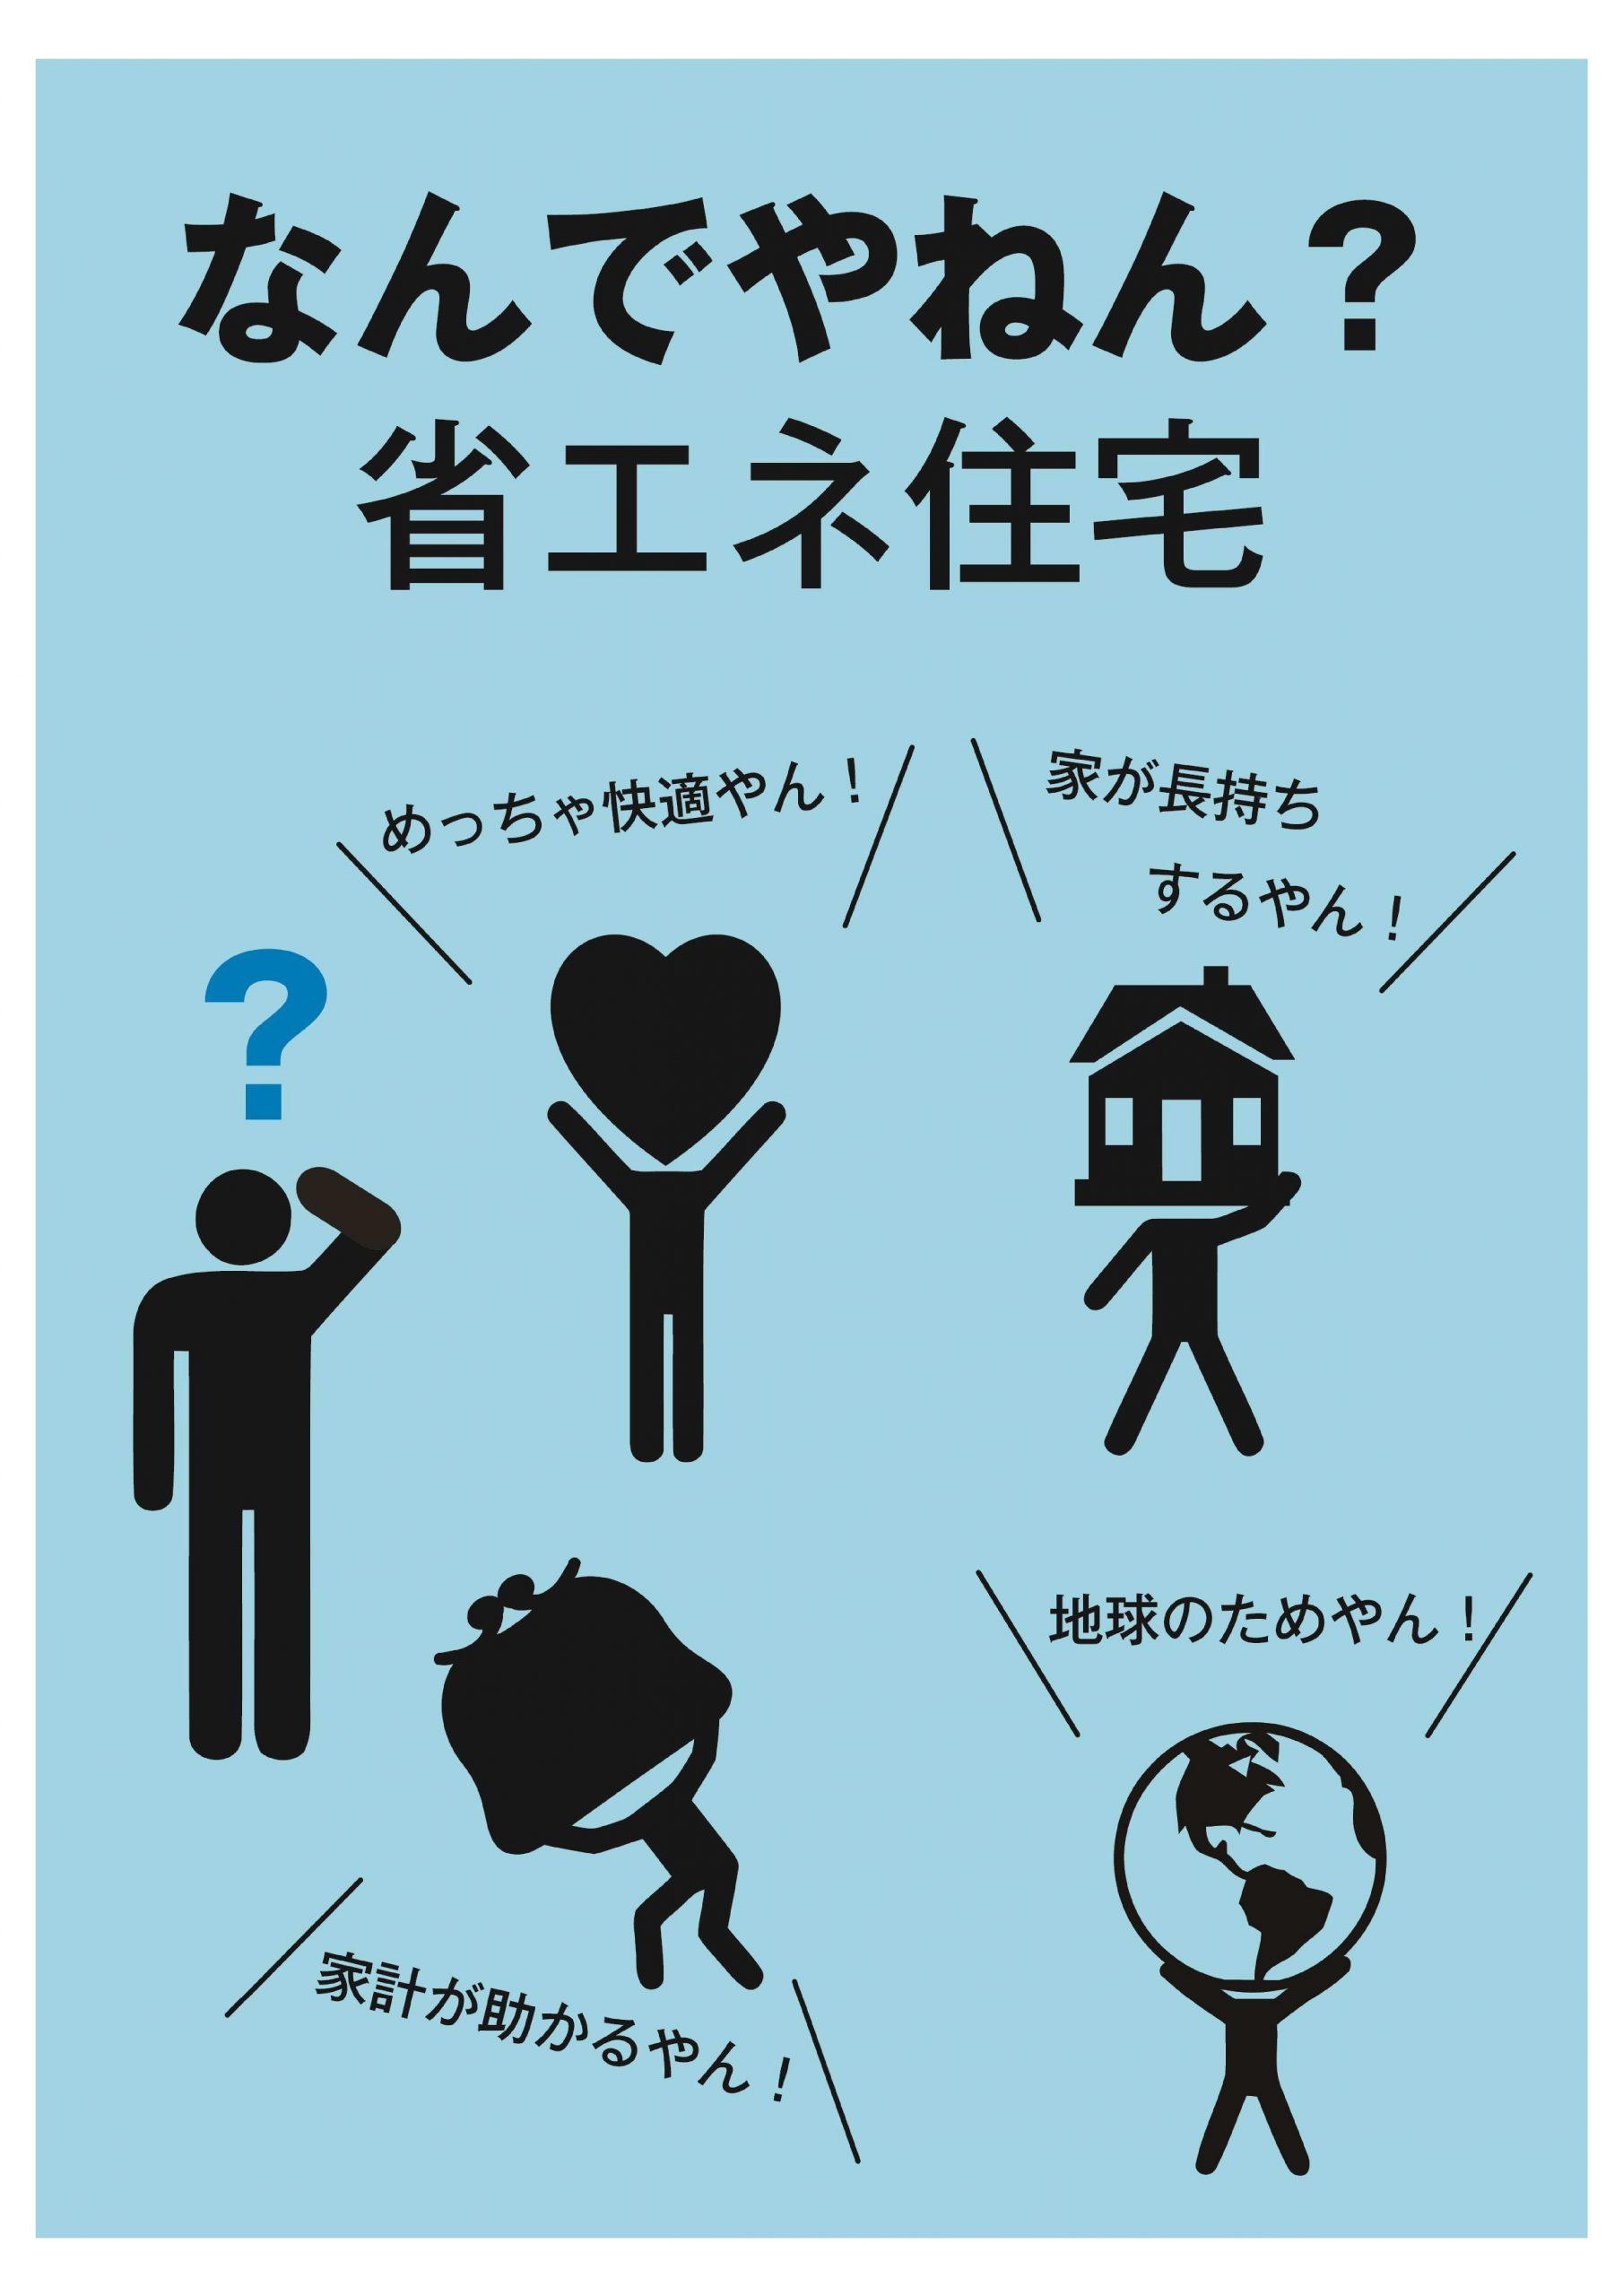 大阪府における住宅の省エネルギー化推進に向けたパンフレットの作成